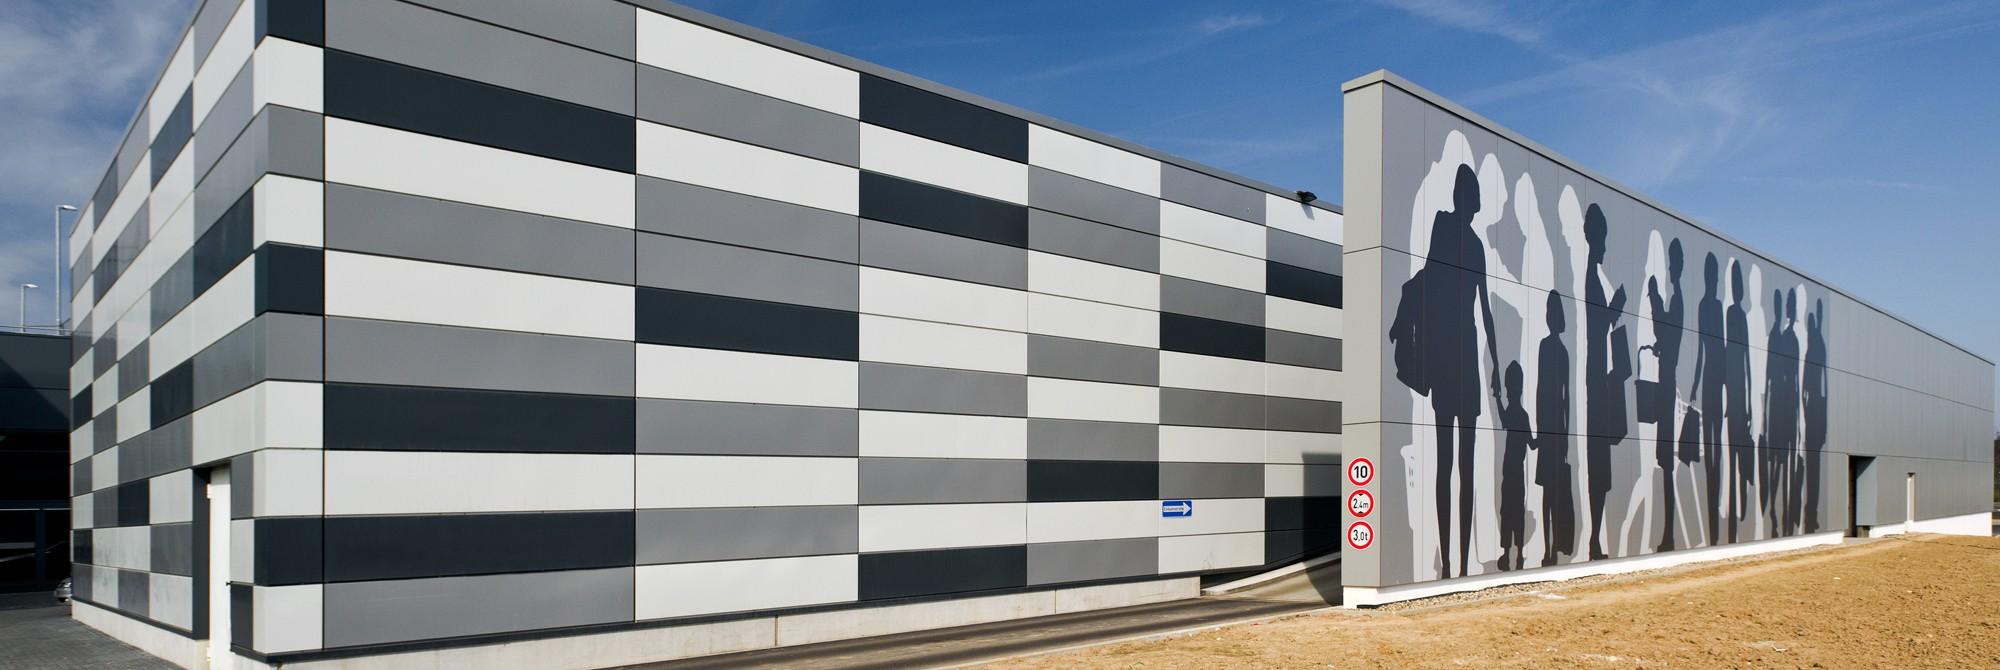 Einkaufszentrum mit Fassade aus Max Exterior NT